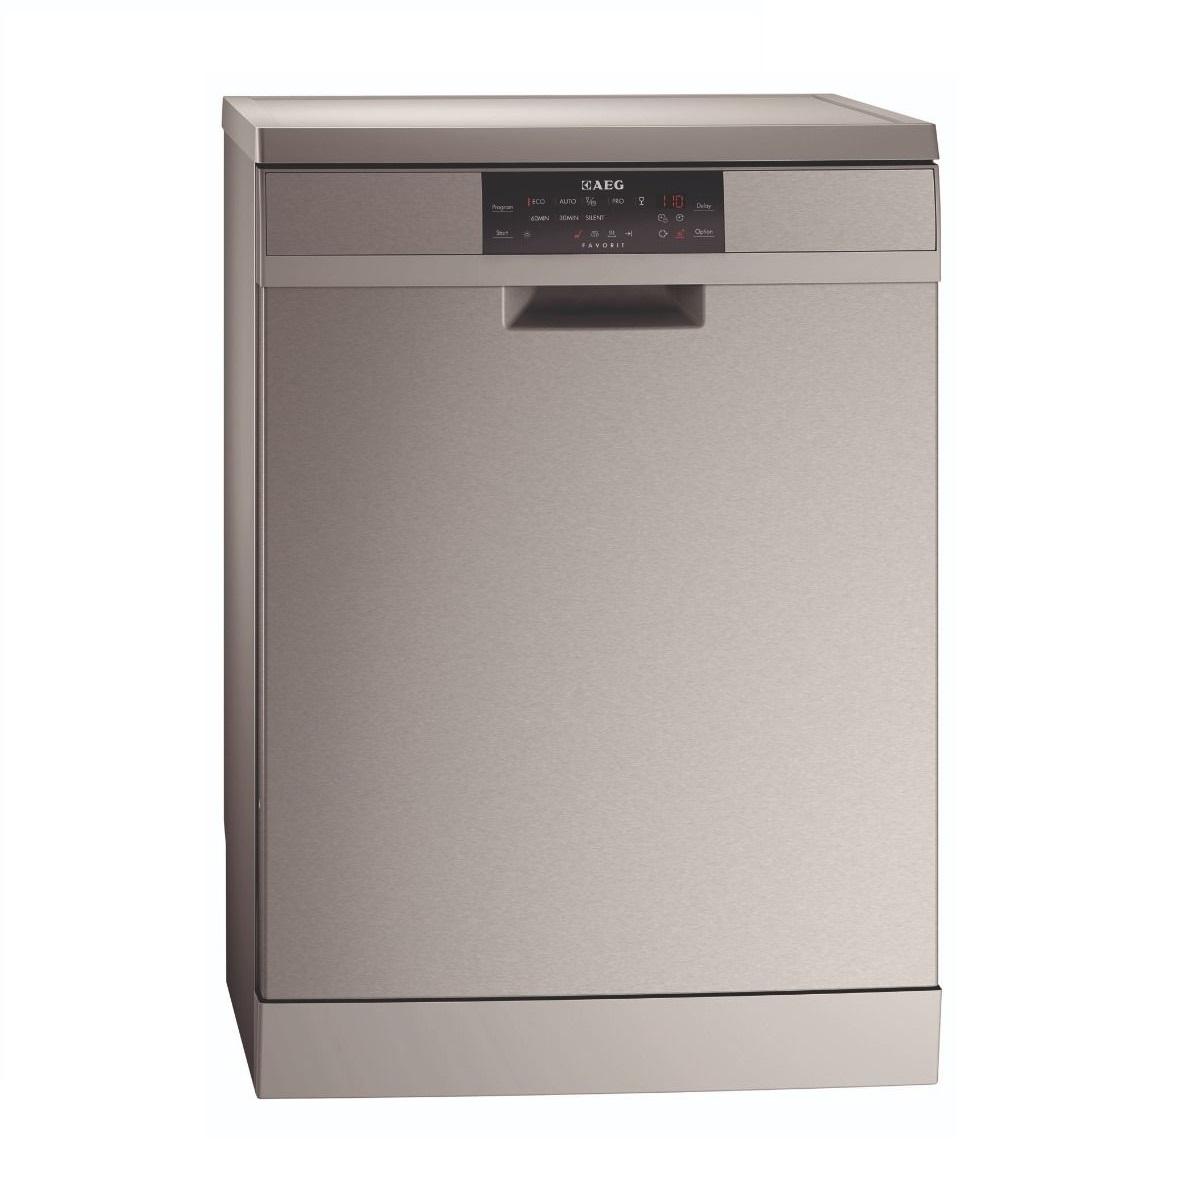 فروش نقدی و اقساطی ماشین ظرفشویی آ ا گ مدل FFB 83836 PM